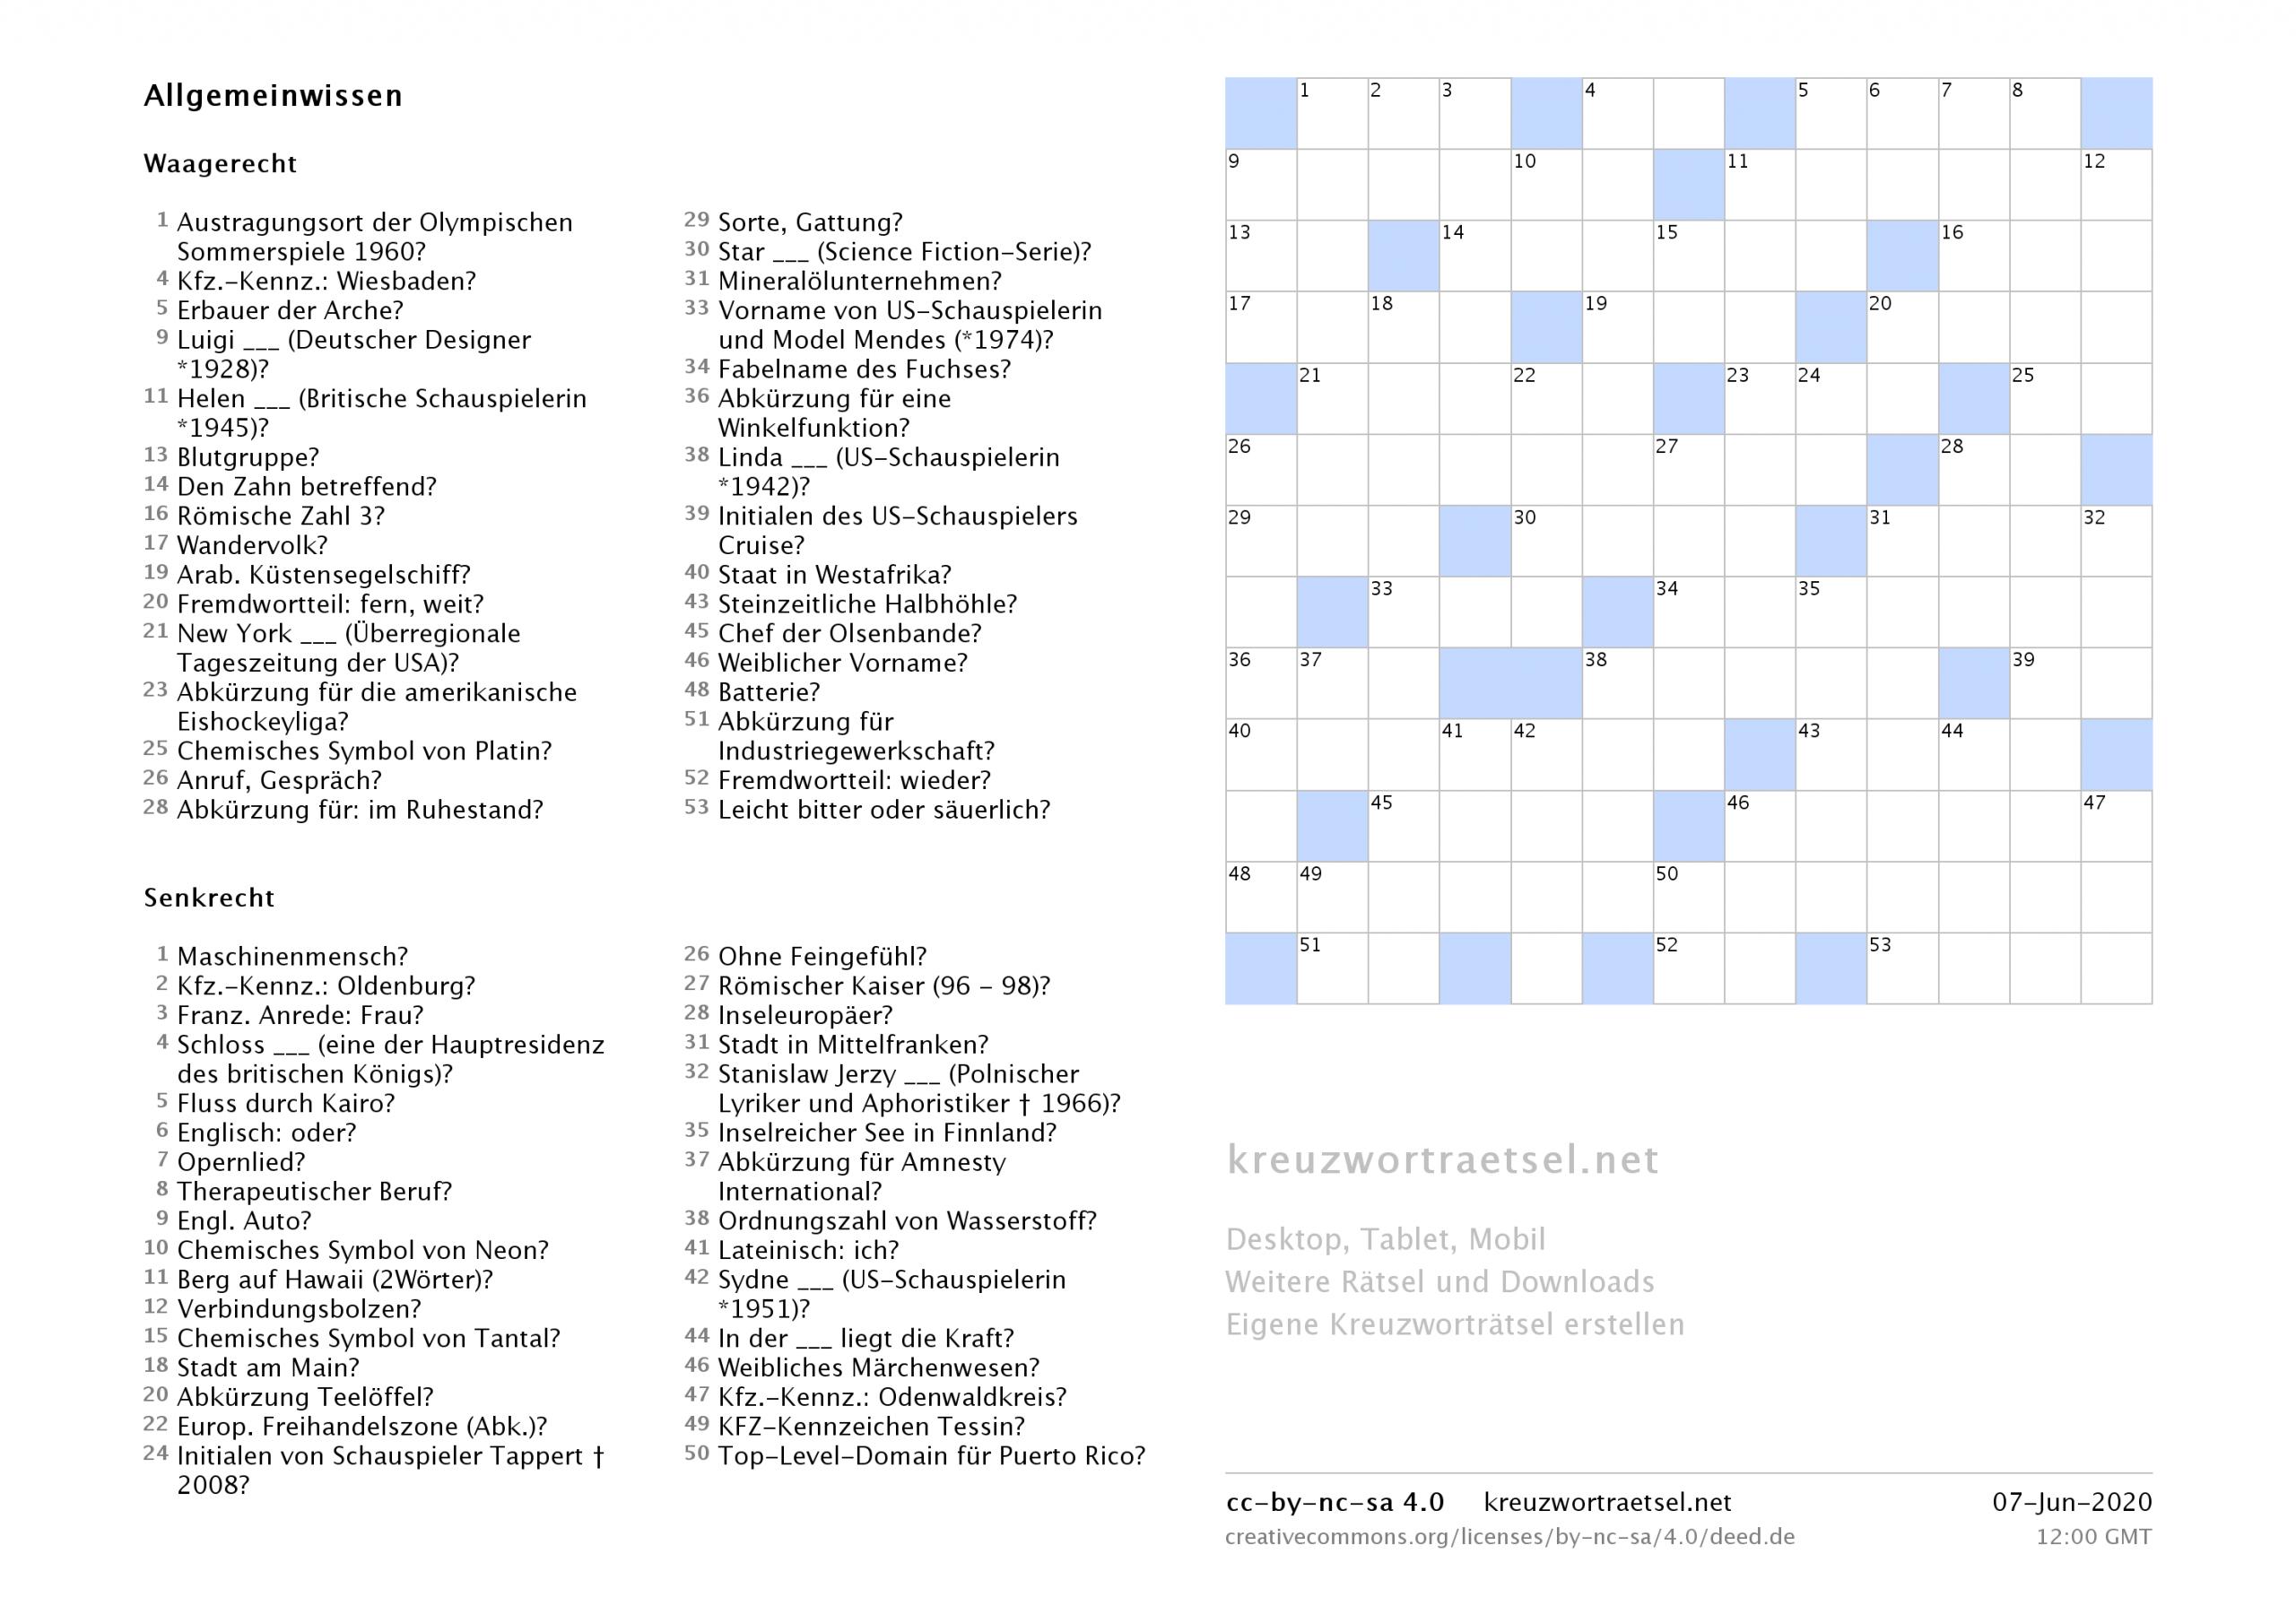 Kreuzworträtsel Zum Ausdrucken  Kreuzworträtsel bestimmt für Schwedenrätsel Ausdrucken